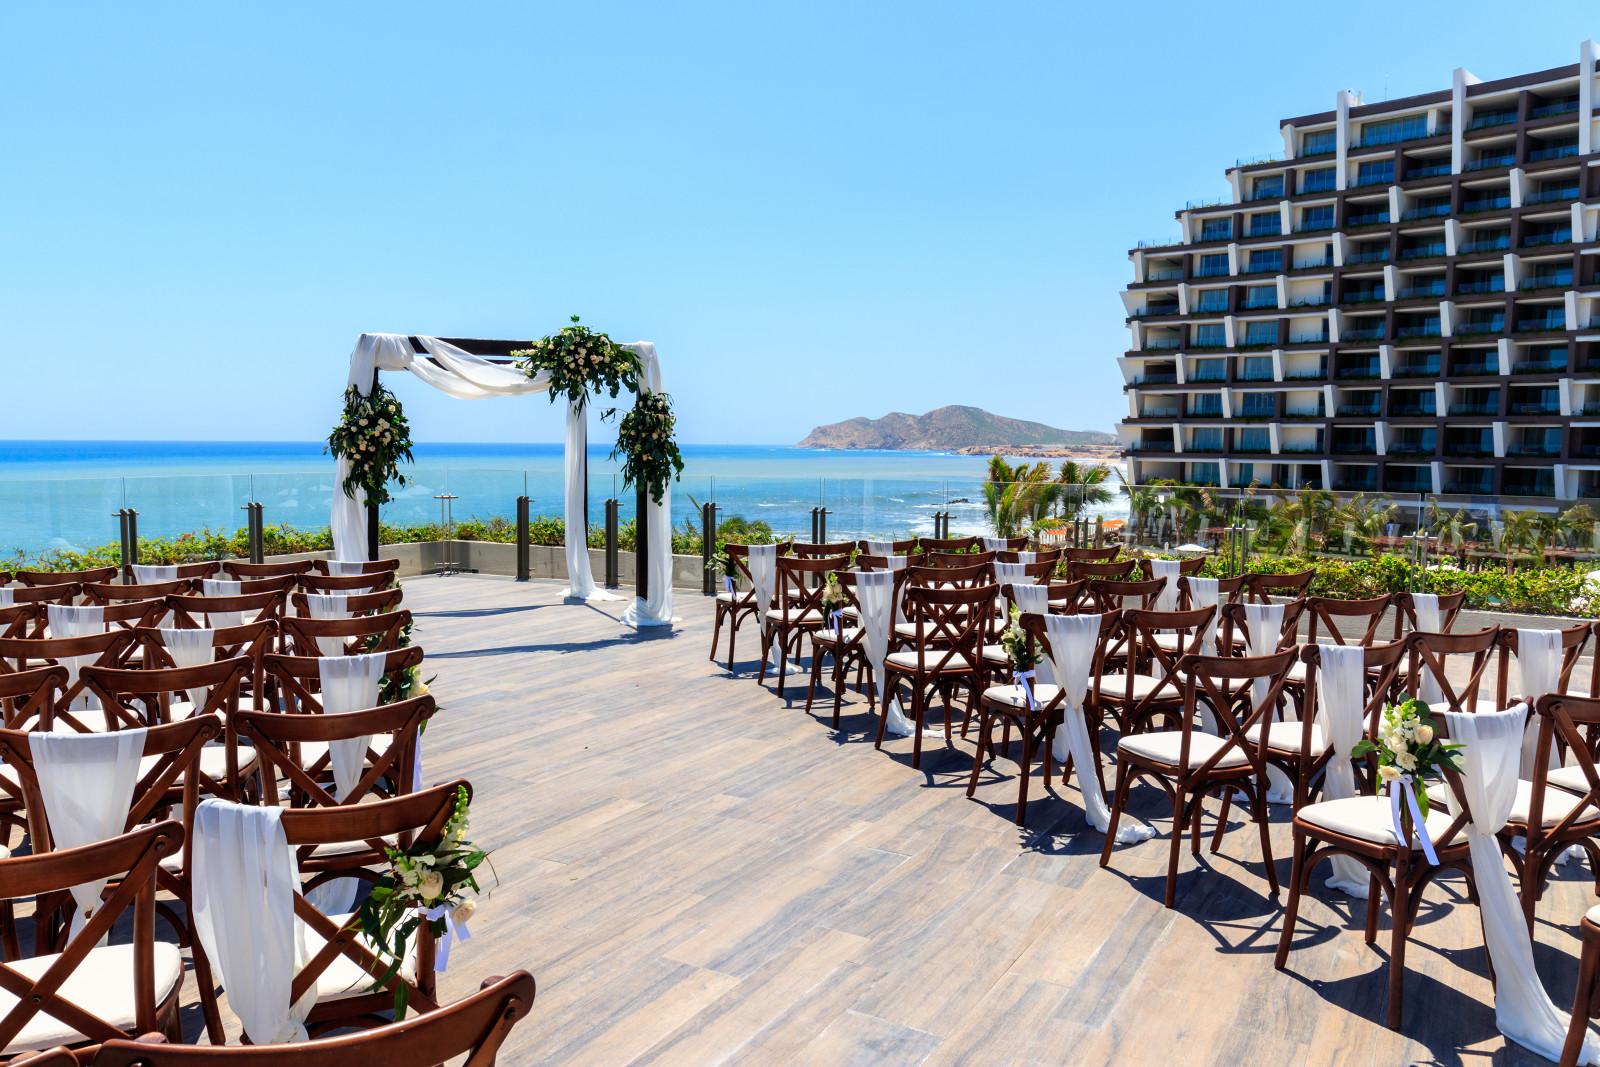 Grand Velas Los Cabos Destination Wedding Ceremony Ocean View